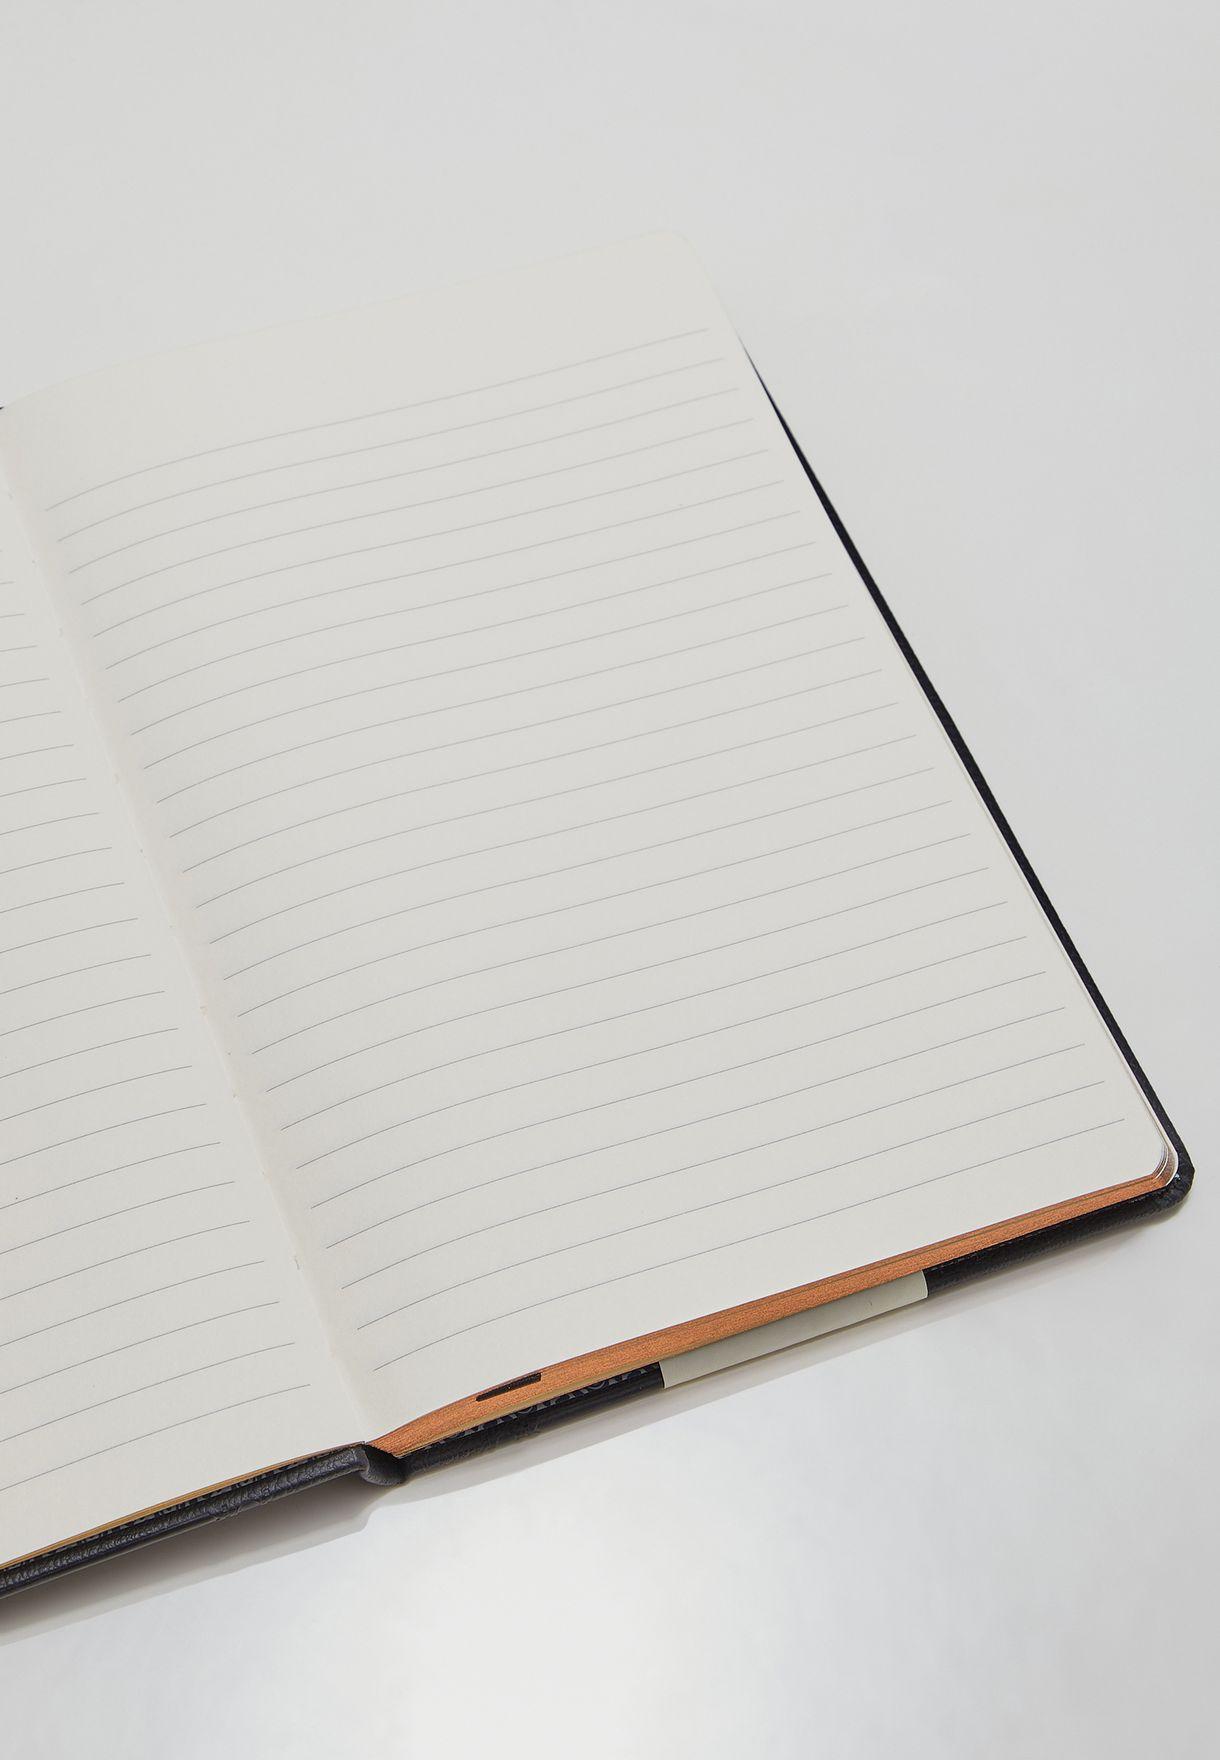 دفتر ملاحظات بحجم ورق A5